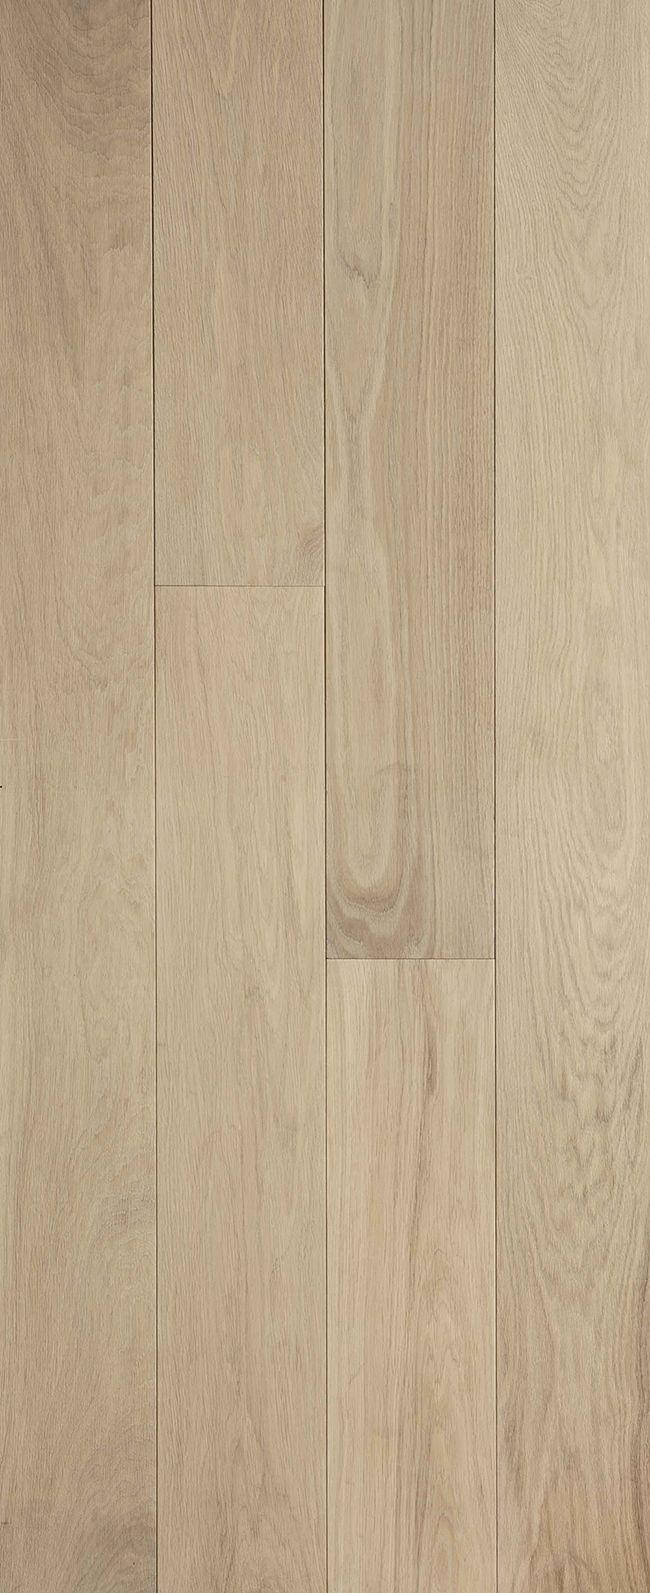 LATTE Engineered Prime Oak